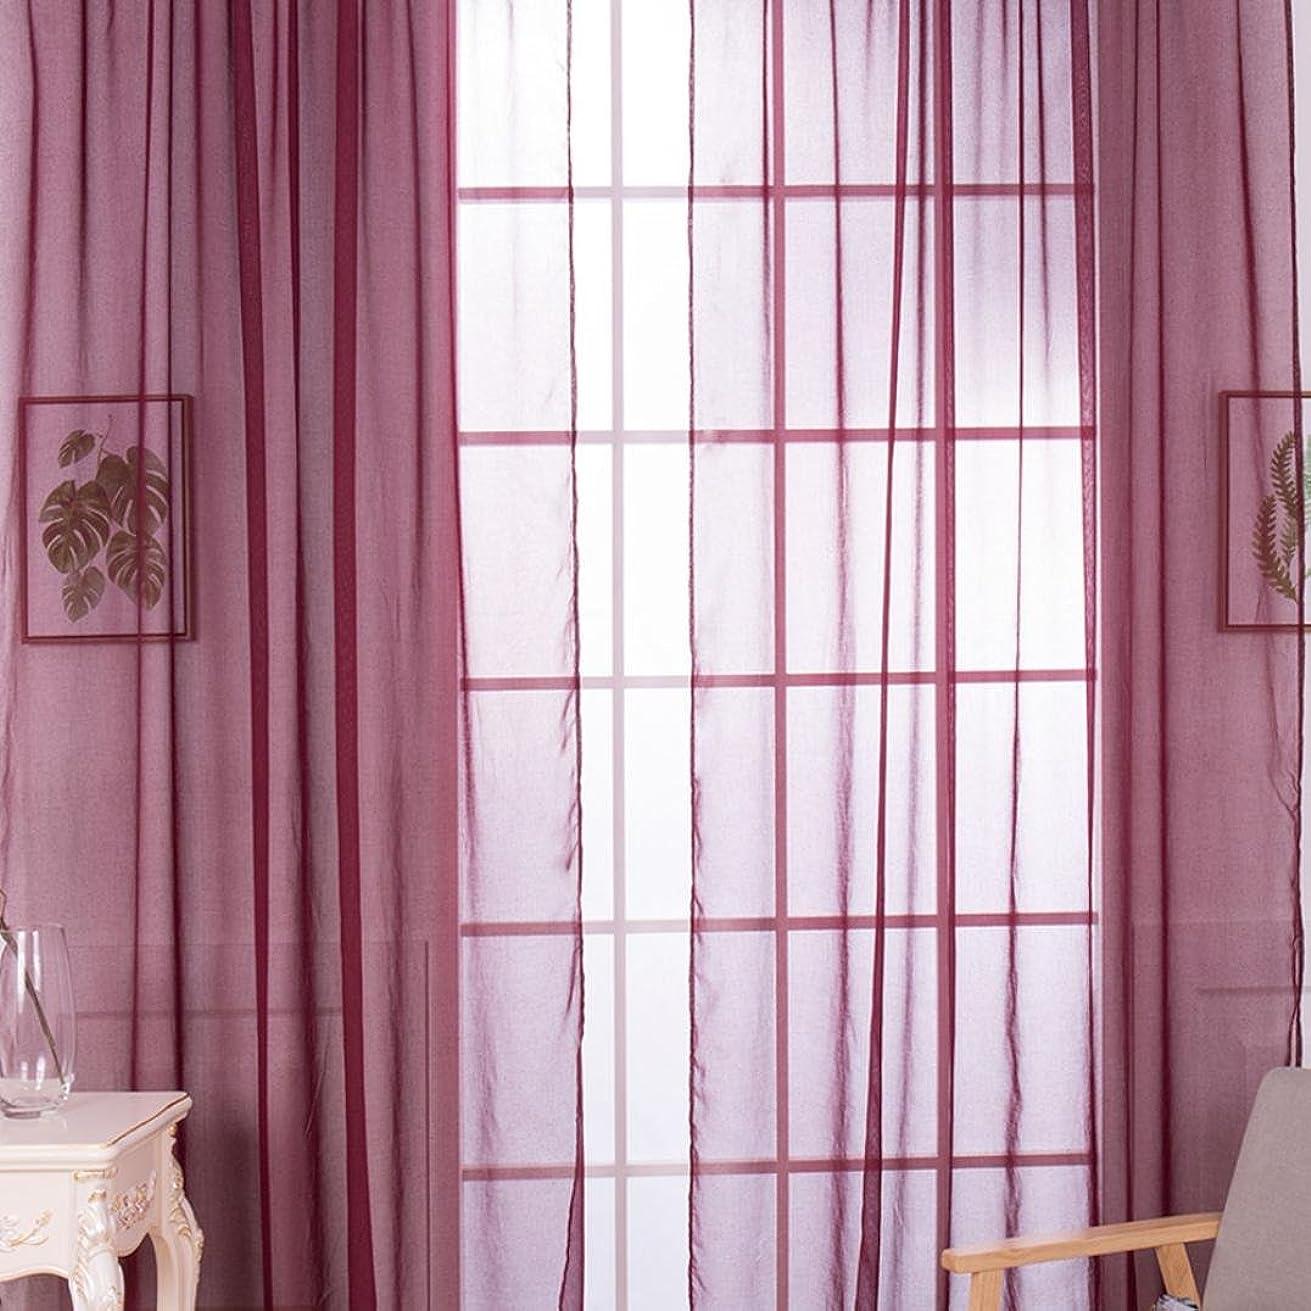 アンビエントがっかりした感情Kukiwa シアーカーテン 目隠し効果 外線カット 薄手 シェードカーテン 遮光断熱効果 可愛いカーテン 2枚200cm x 100cm 装飾ホーム ウインドウ窓 寝室 居間 子供の部屋用  (ブルゴーニュ, 100X200cm)